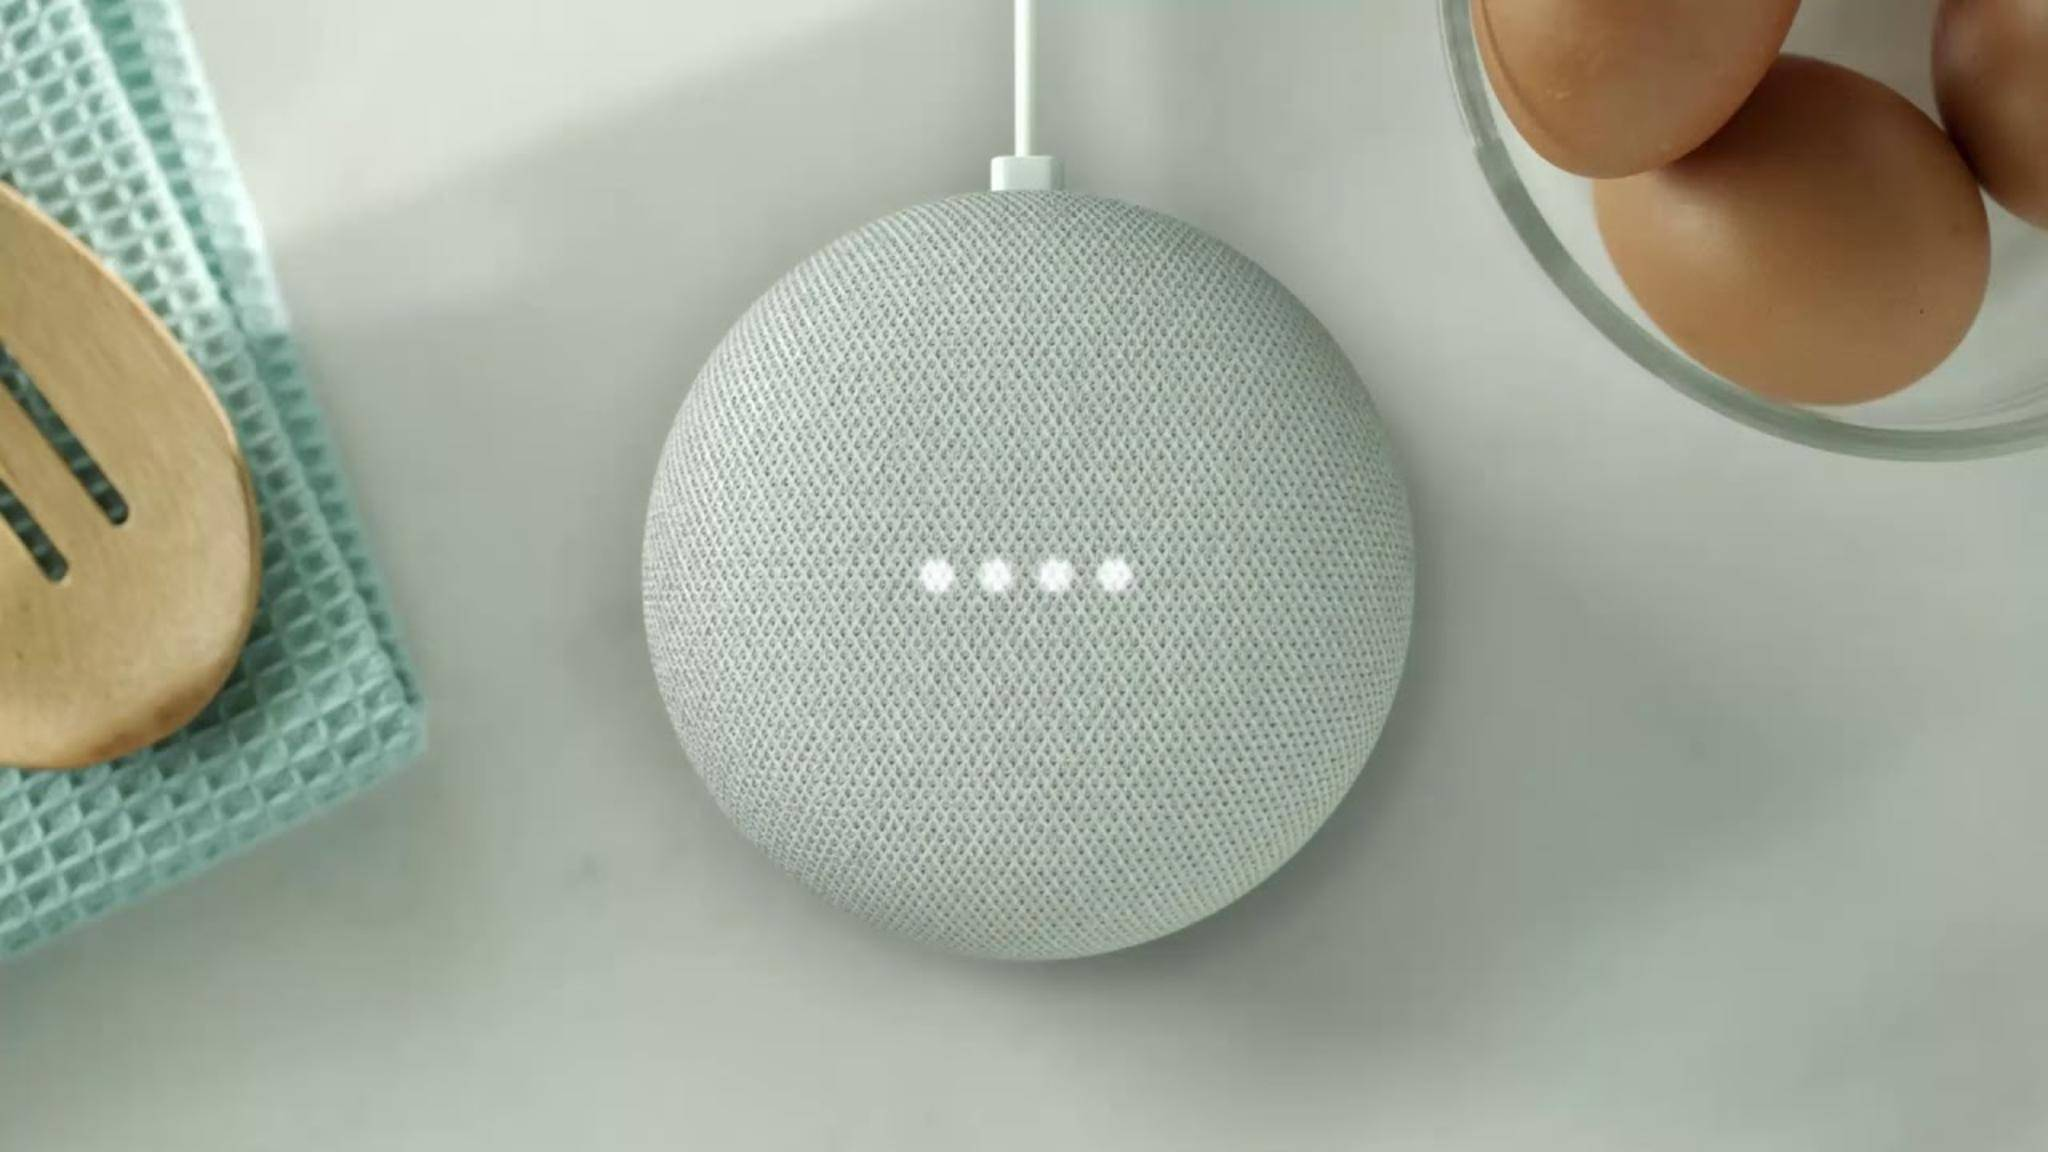 Alle Home-Lautsprecher verfügen über eine LED-Anzeige.